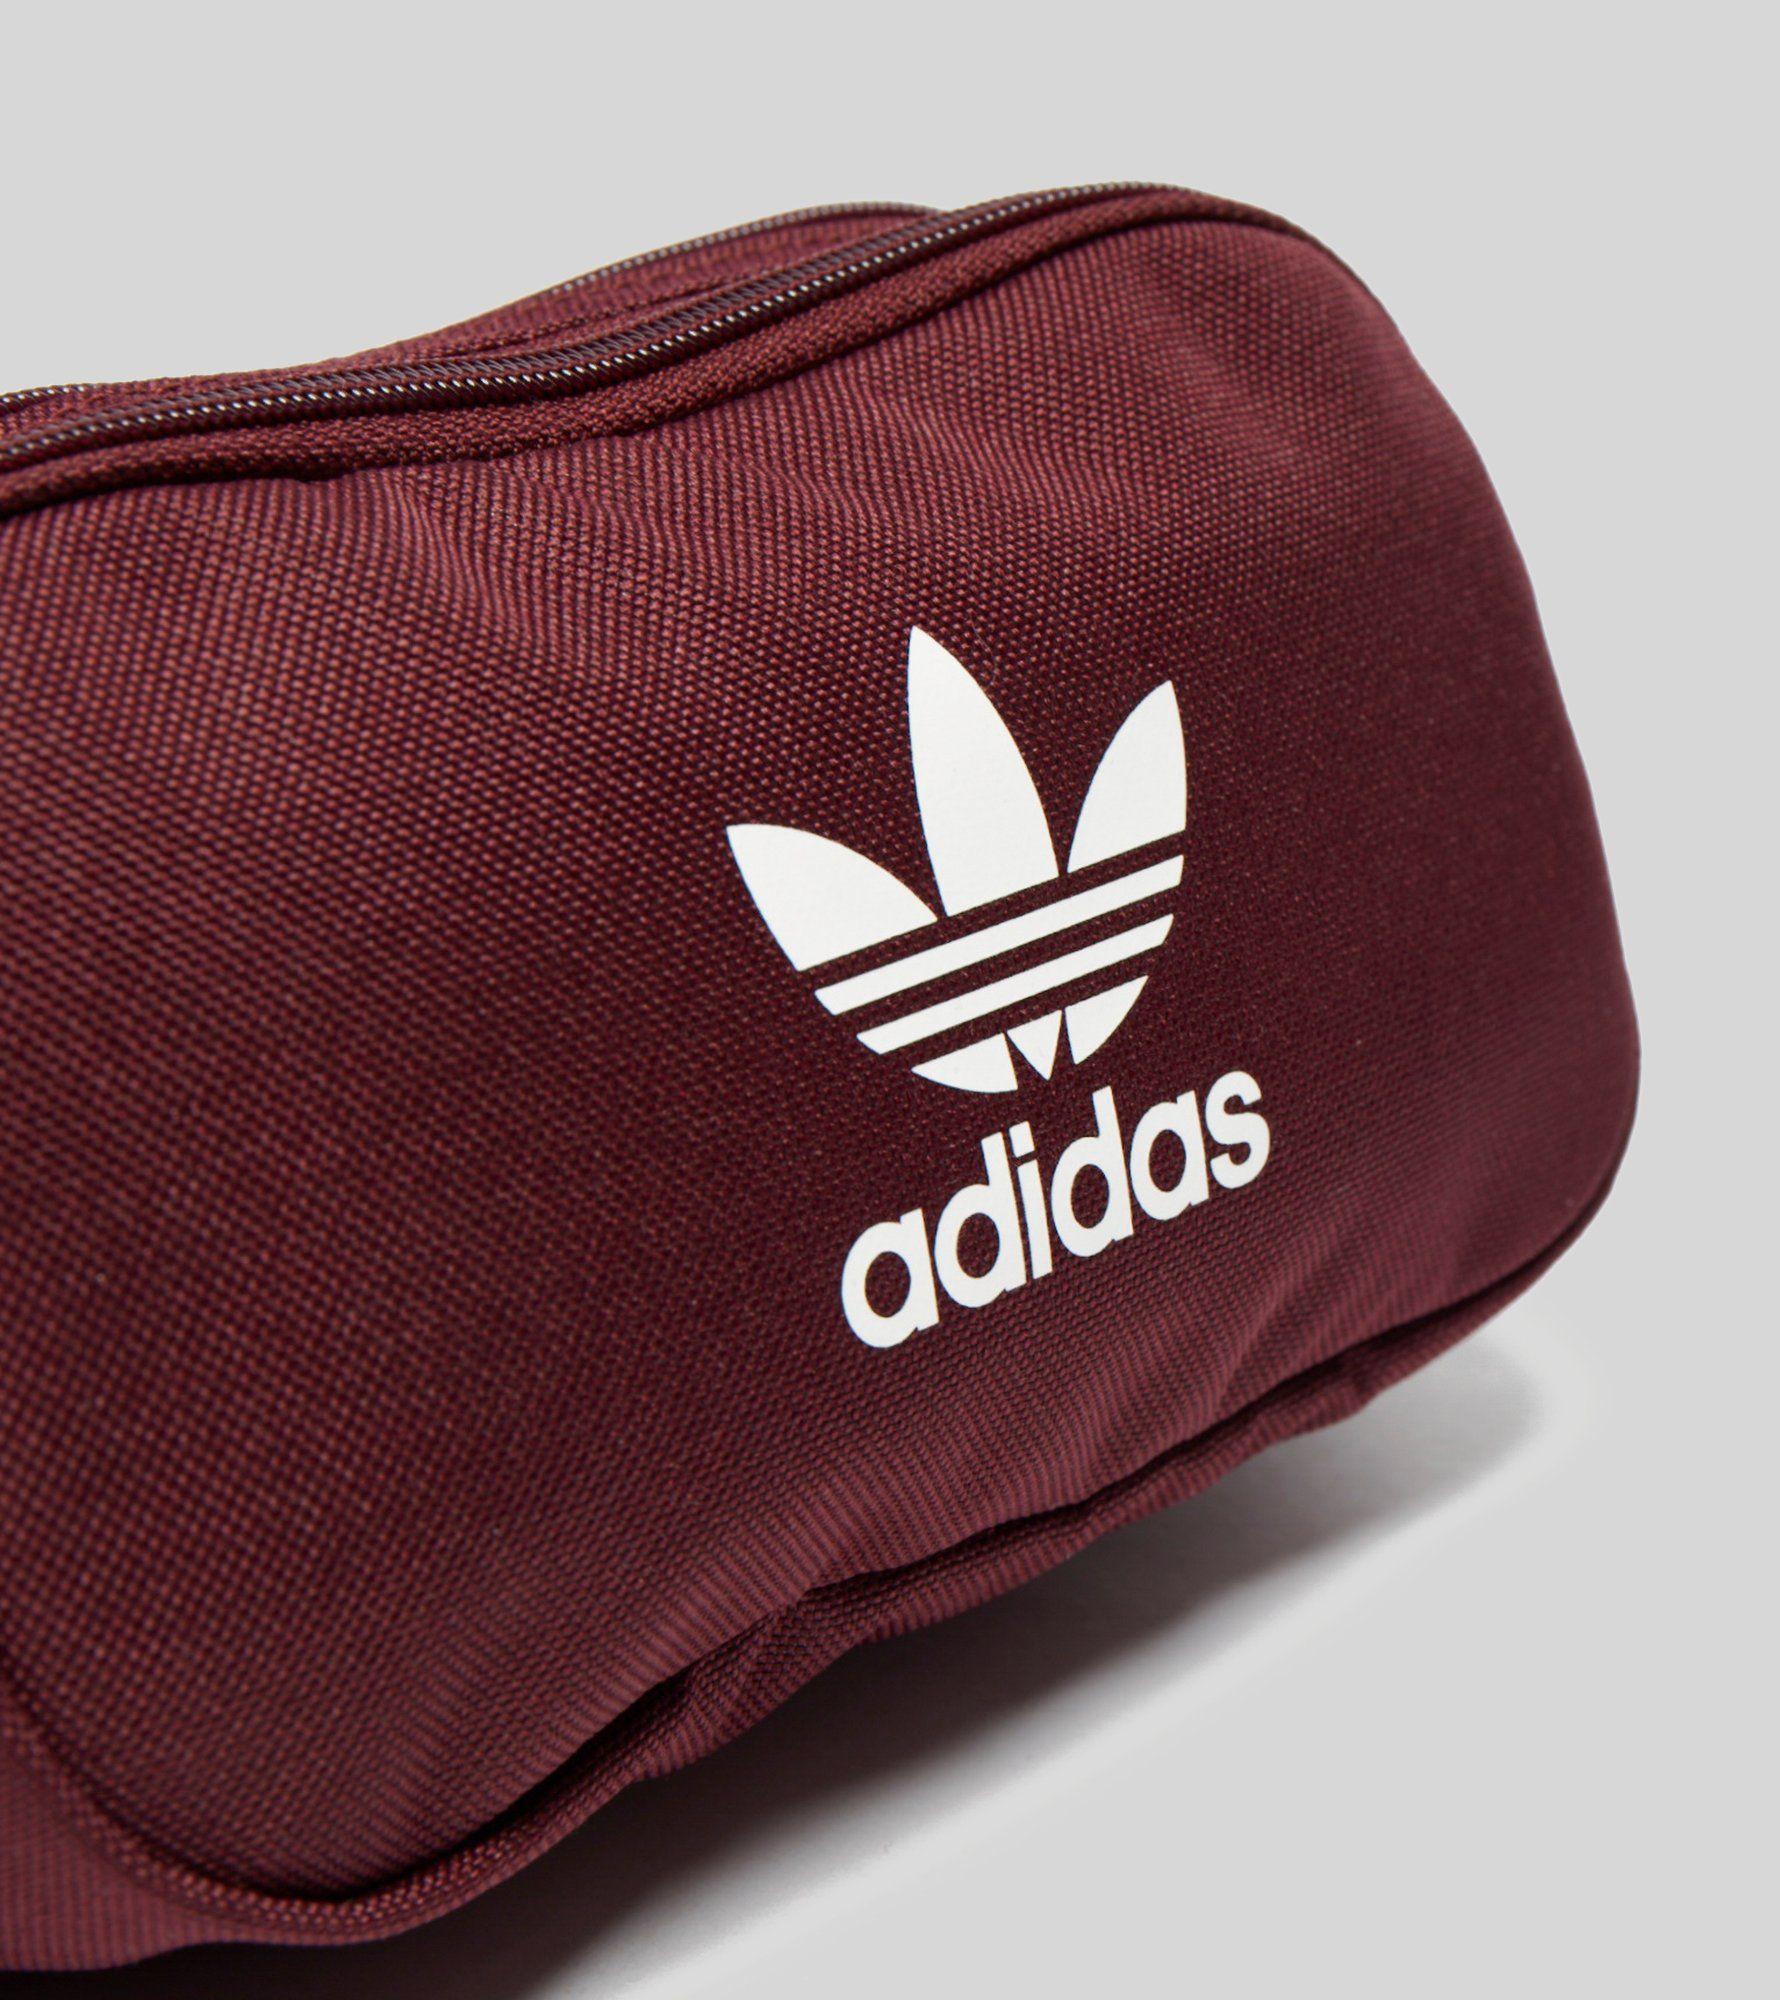 adidas Originals Trefoil Waist Bag